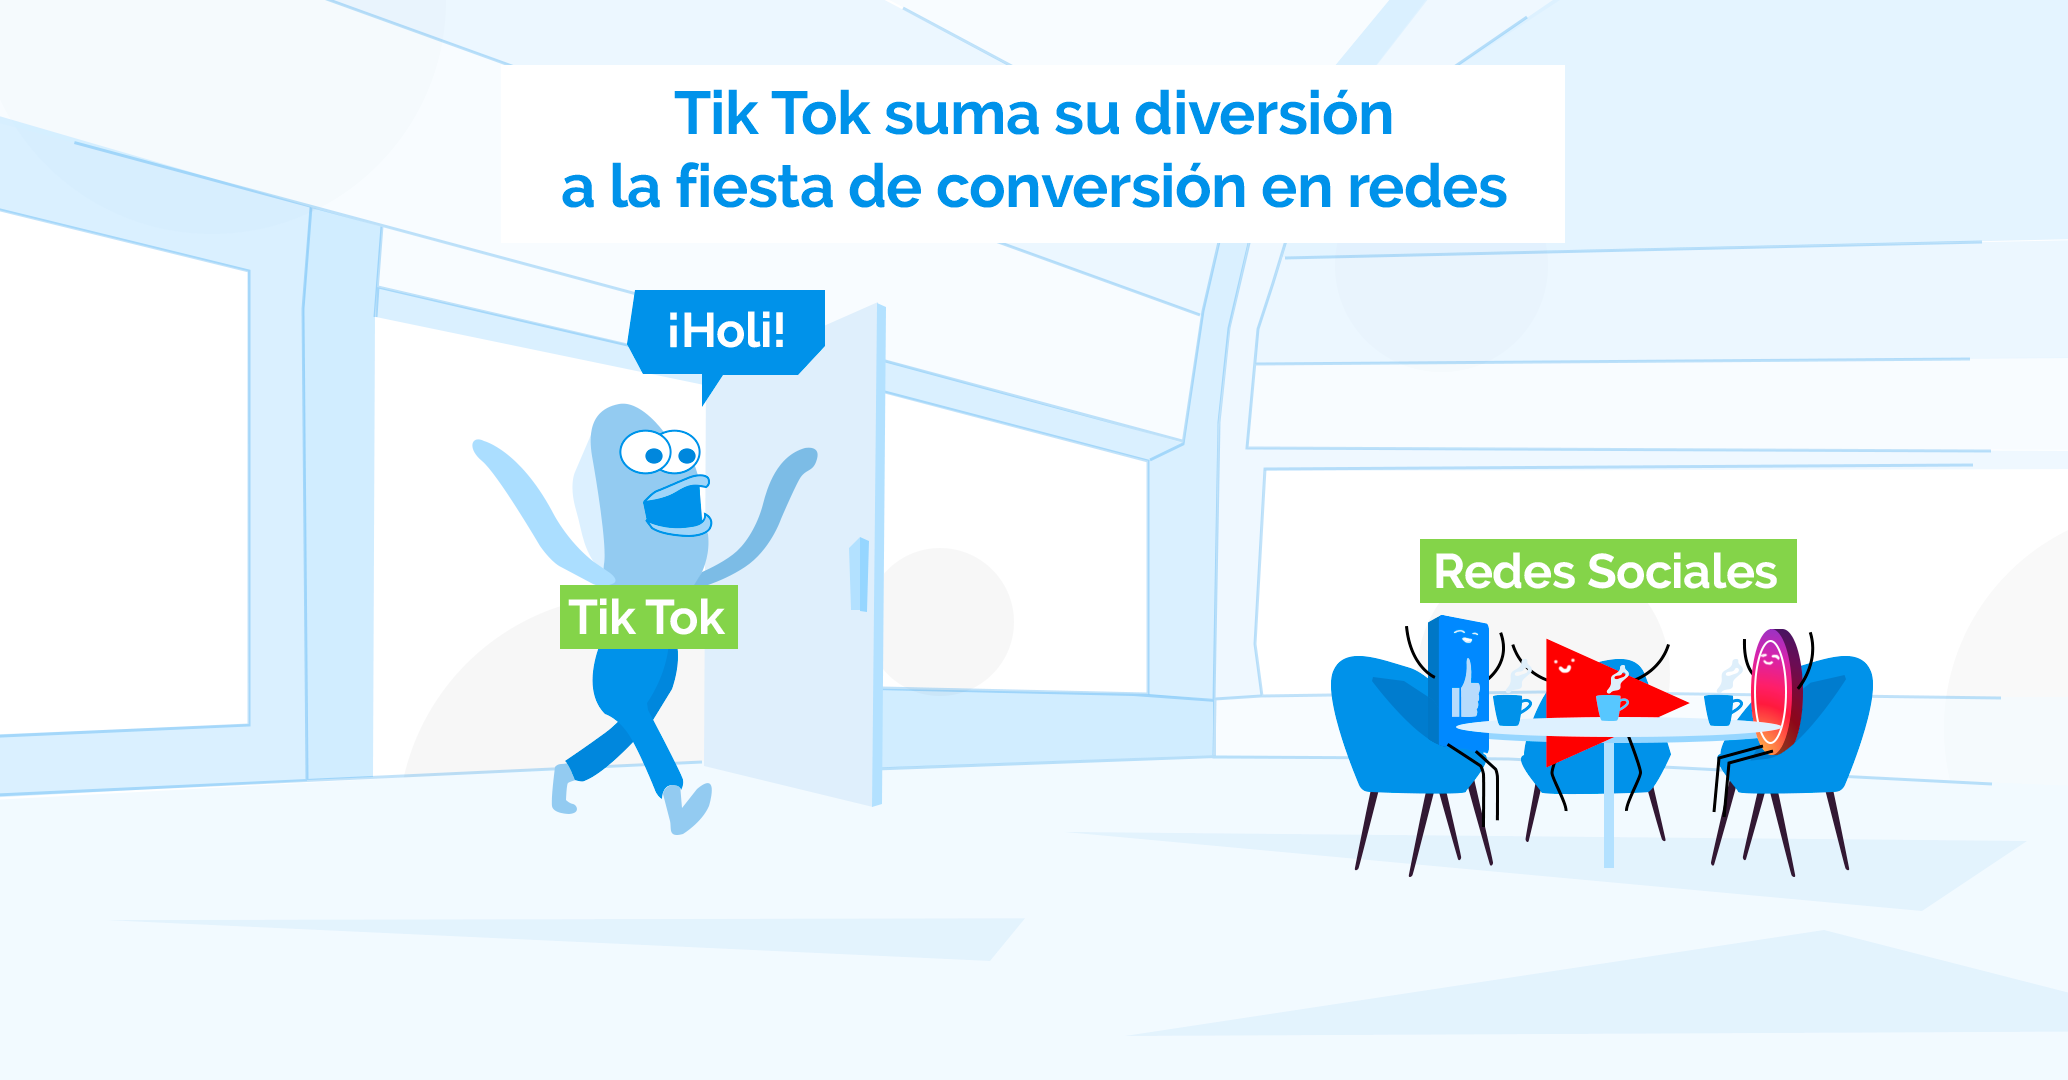 ¿Sabes cómo destacar tu contenido de marca en Tik Tok?